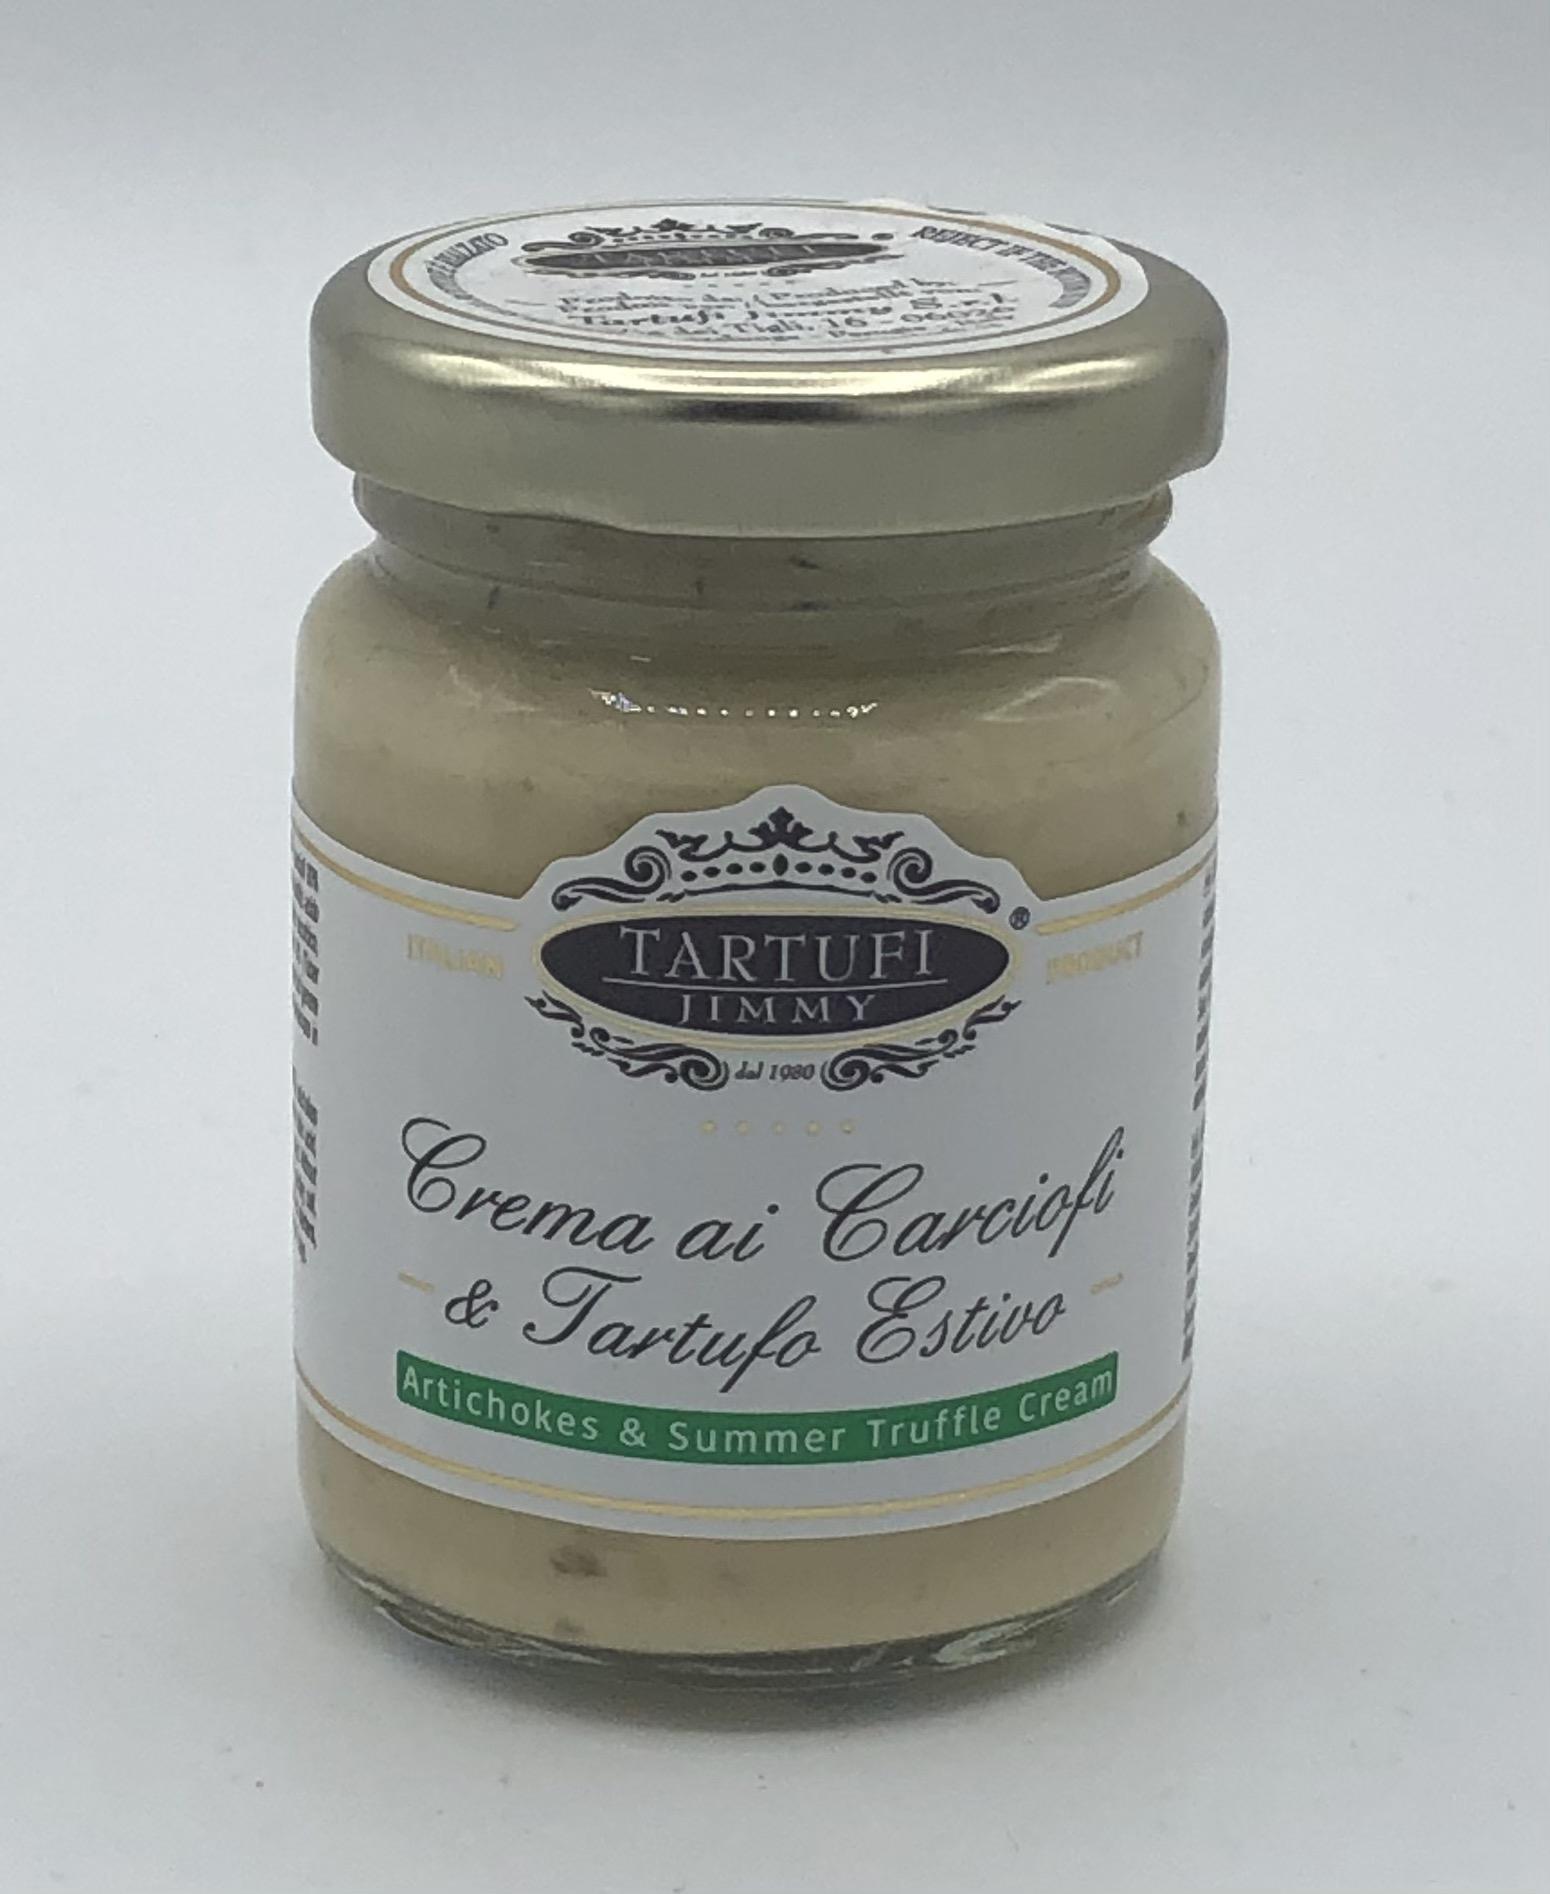 Jimmy Tartufi - Crema di Carciofi e Tartufo Estivo GR.90